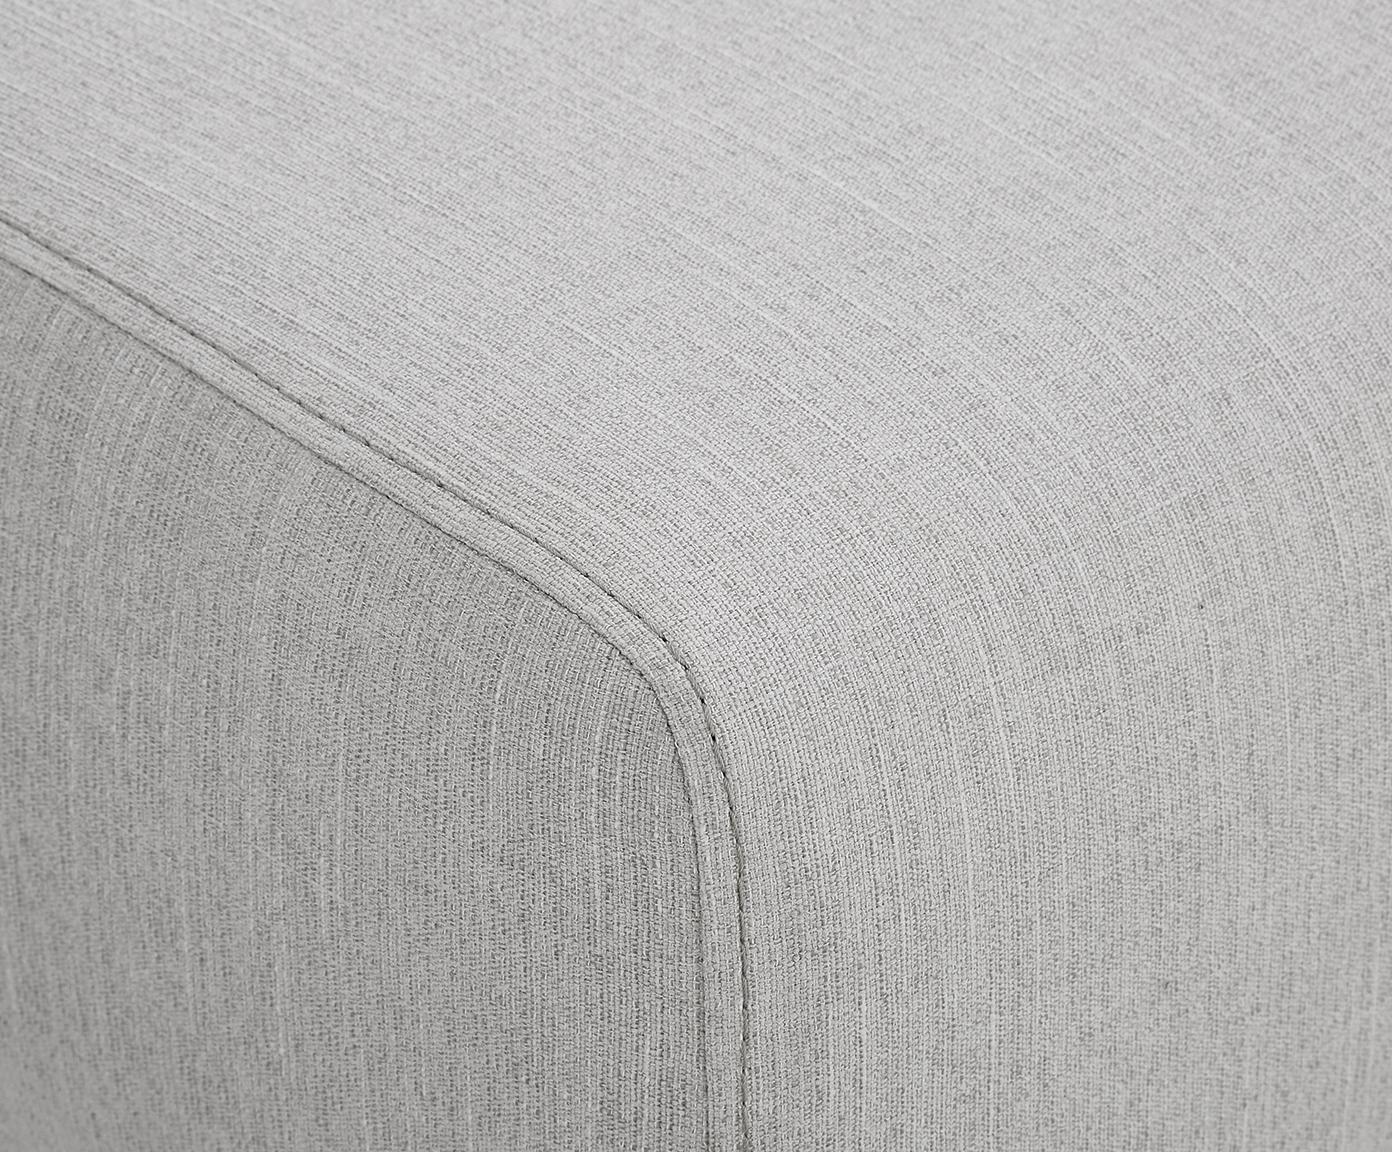 Divano 3 posti in tessuto grigio Carrie, Rivestimento: poliestere 50.000 cicli d, Struttura: truciolato, faesite, comp, Piedini: metallo verniciato, Tessuto grigio, Larg. 202 x Prof. 86 cm